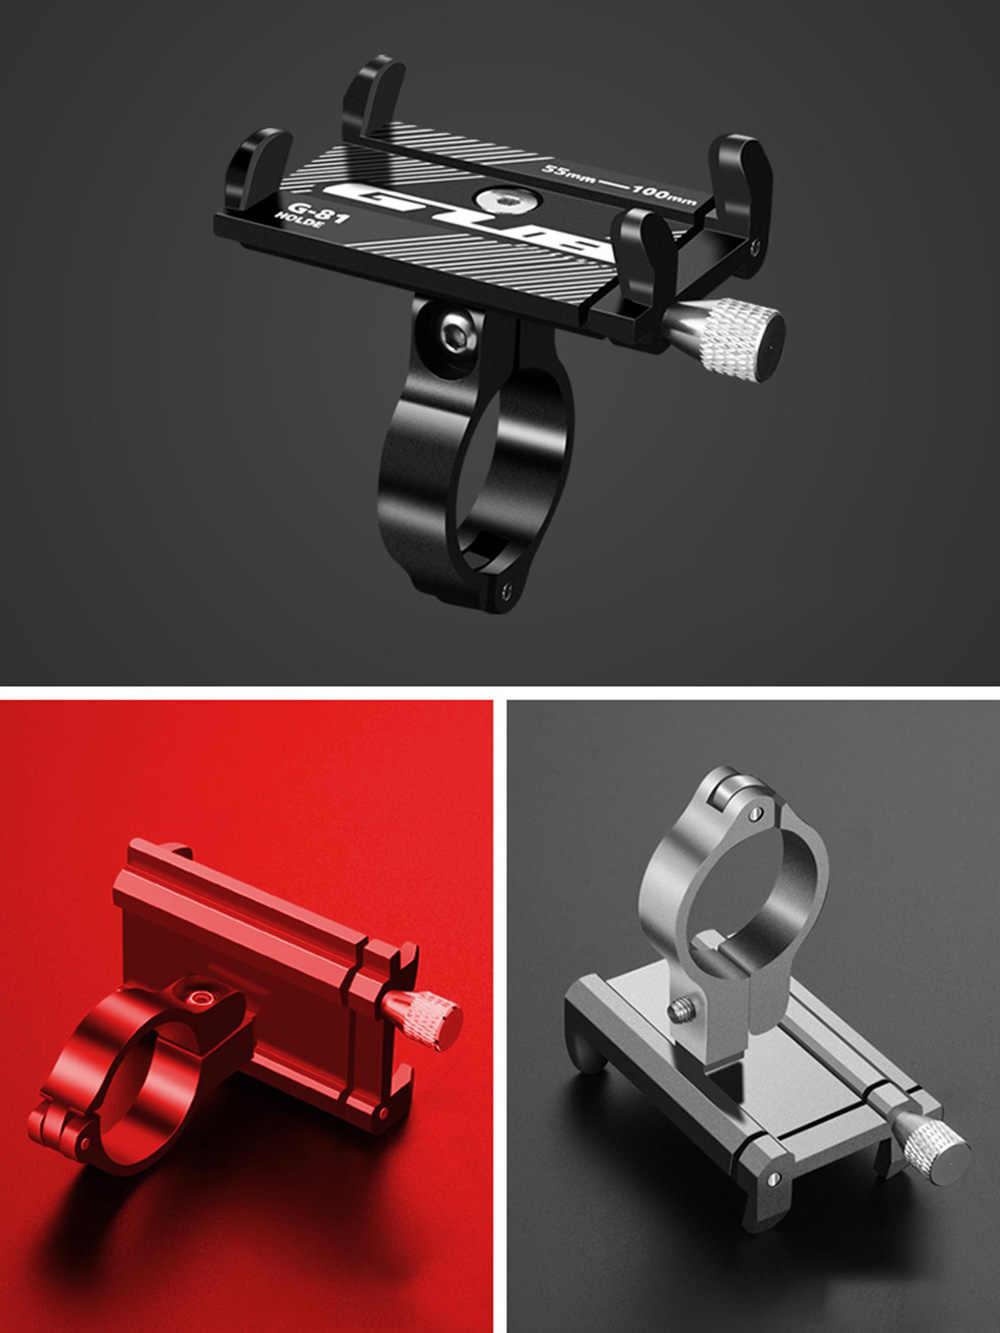 Гибкий держатель для телефона GUB, Алюминиевая Подставка для смартфона, для горного велосипеда, мотора, велосипеда, для Samsung, Huawei, Xiaomi, iphone, скутера